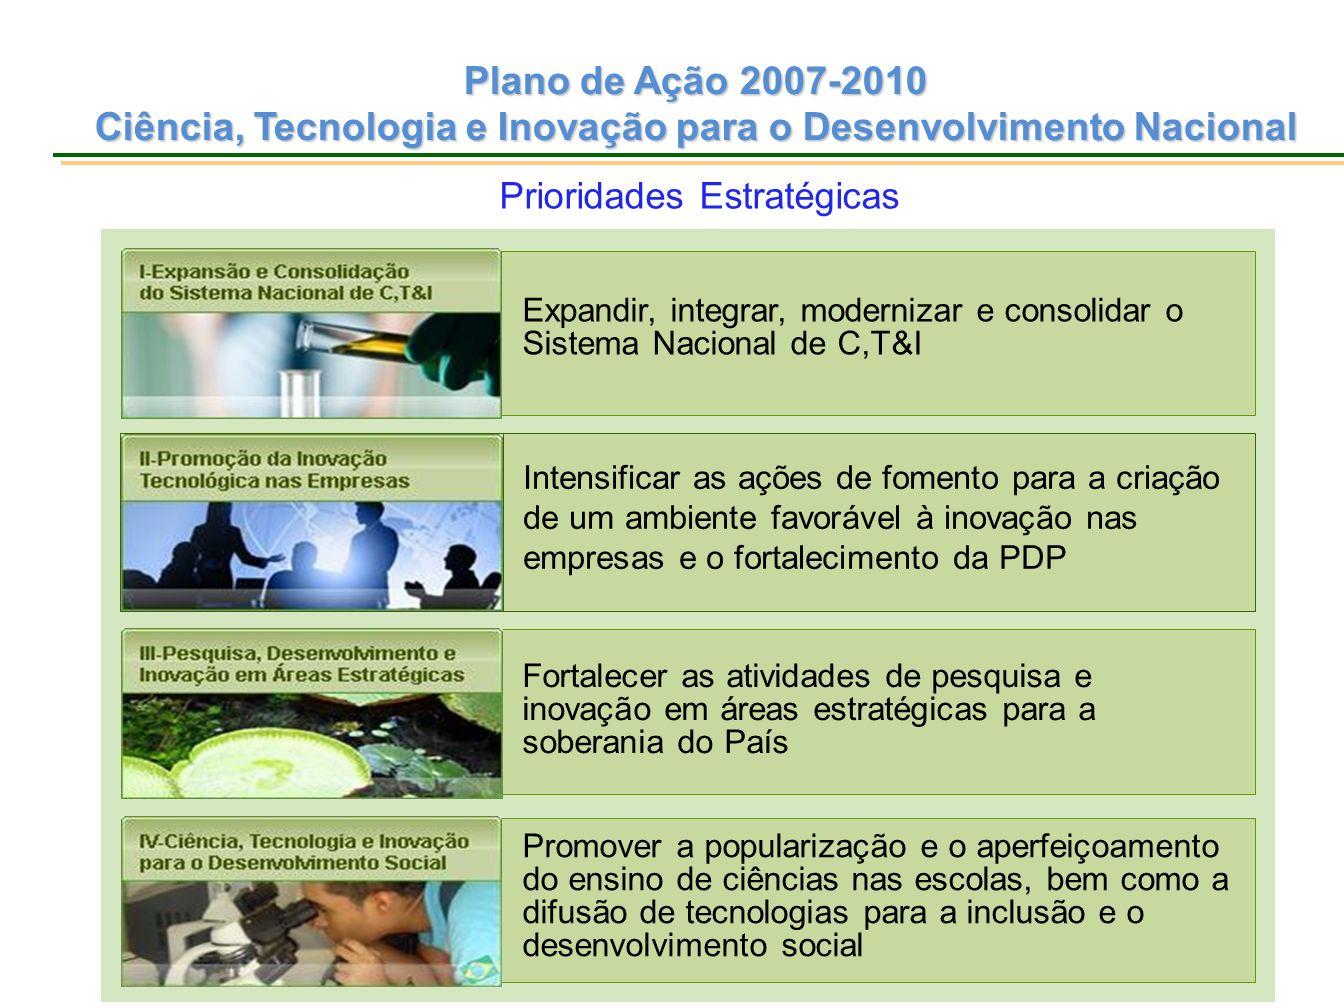 Ciência, Tecnologia e Inovação para o Desenvolvimento Nacional